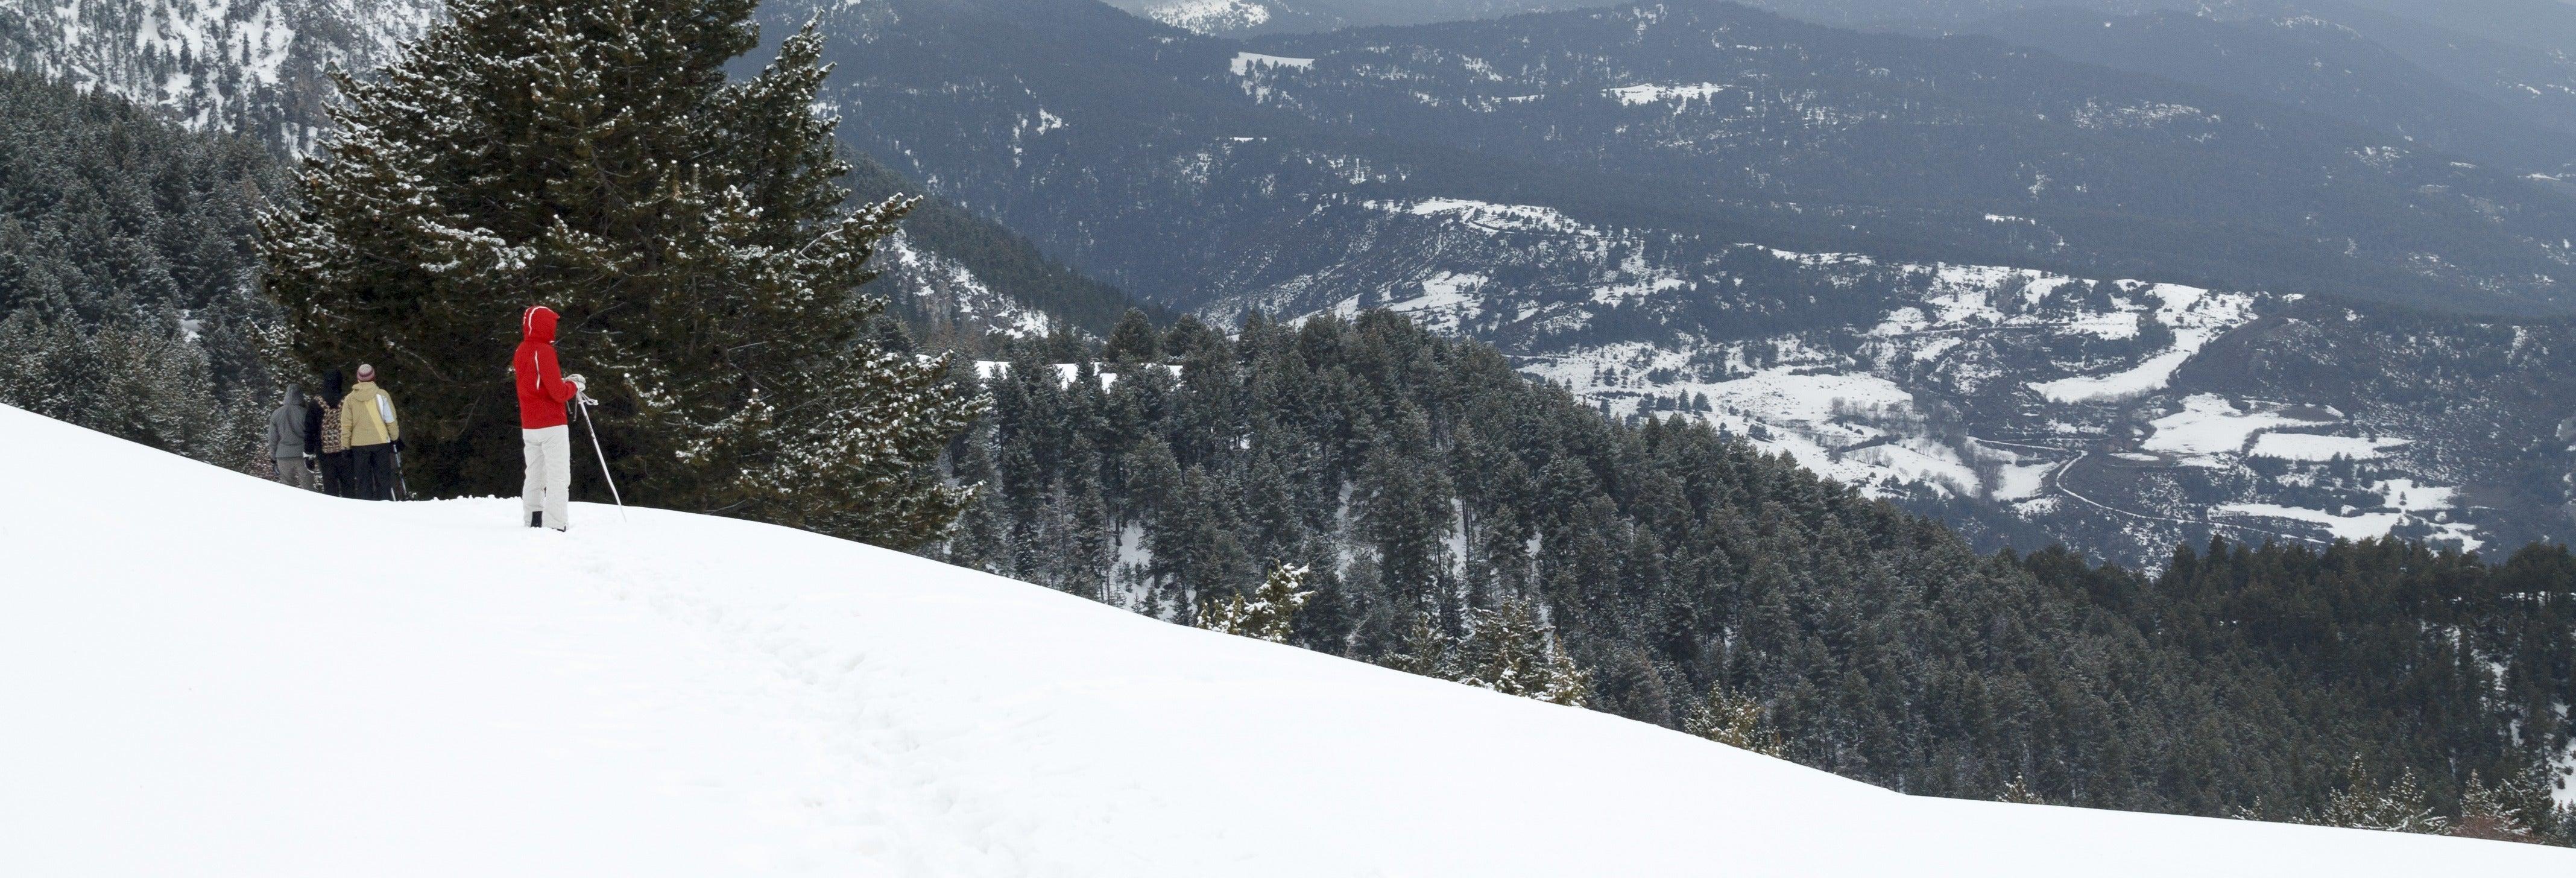 Passeio com raquetes de neve pelo Parque Nacional de Aigüestortes